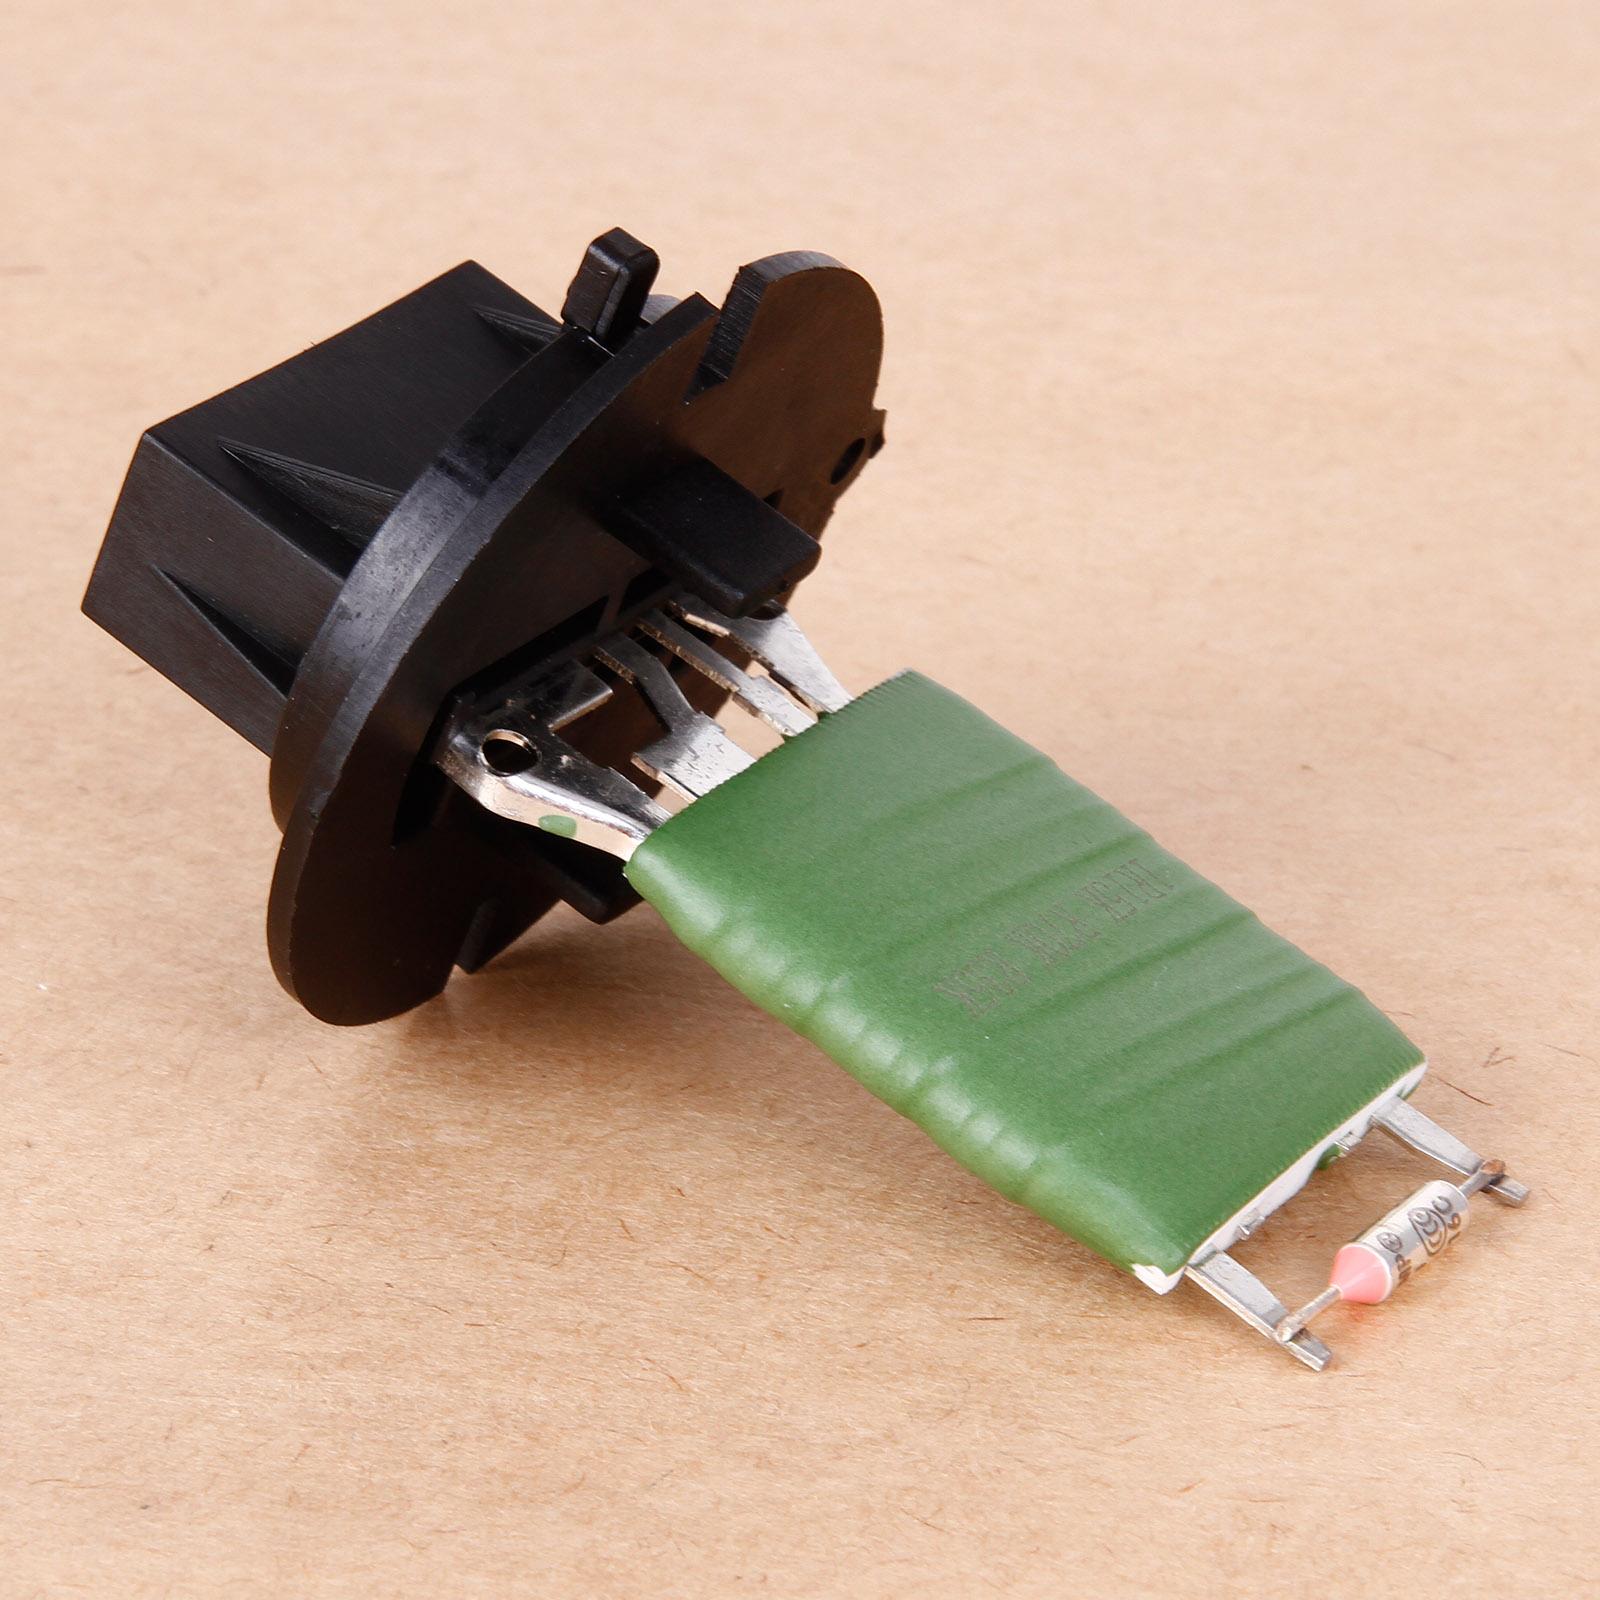 resistance ventilation 307 resistance chauffage 307 clim auto blog sur les voitures peugeot. Black Bedroom Furniture Sets. Home Design Ideas